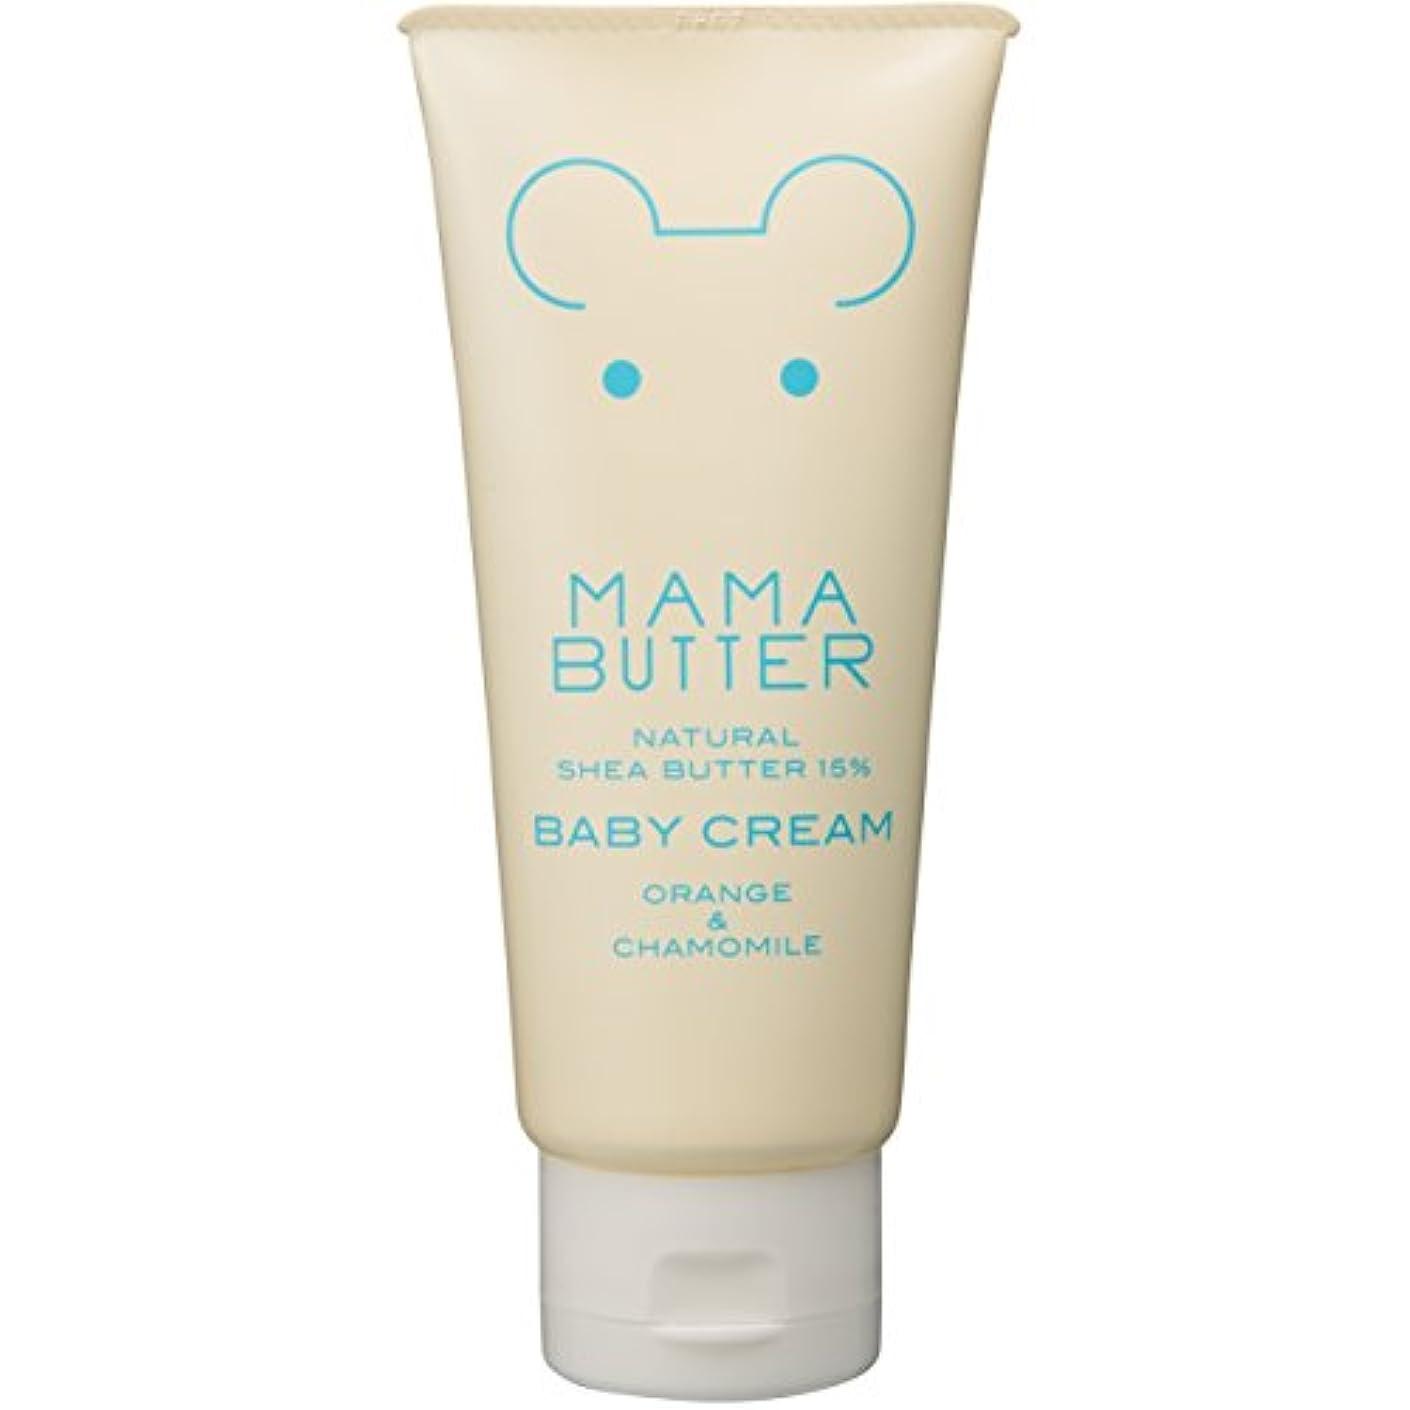 上昇余裕がある収入ママバター ベビークリーム 天然 オレンジ&カモミールの香り 130g